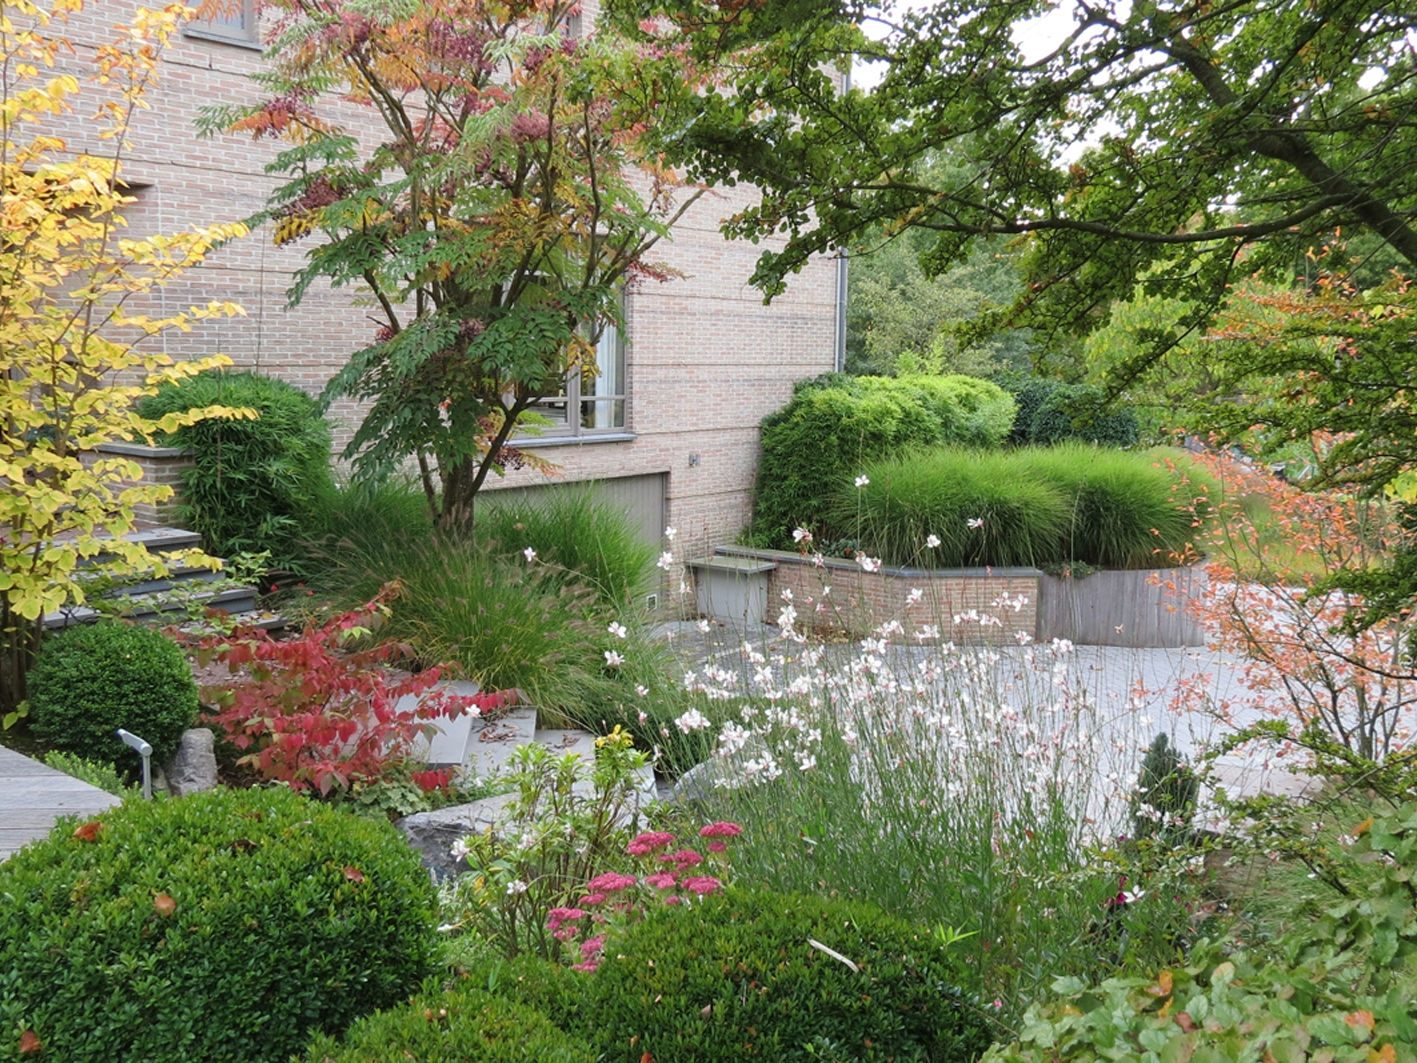 Entrée d'habitation alliant équilibre entre végétaux persistants pour la structure permanente et fleurs vivaces pour les colorations étalées durant l'année.